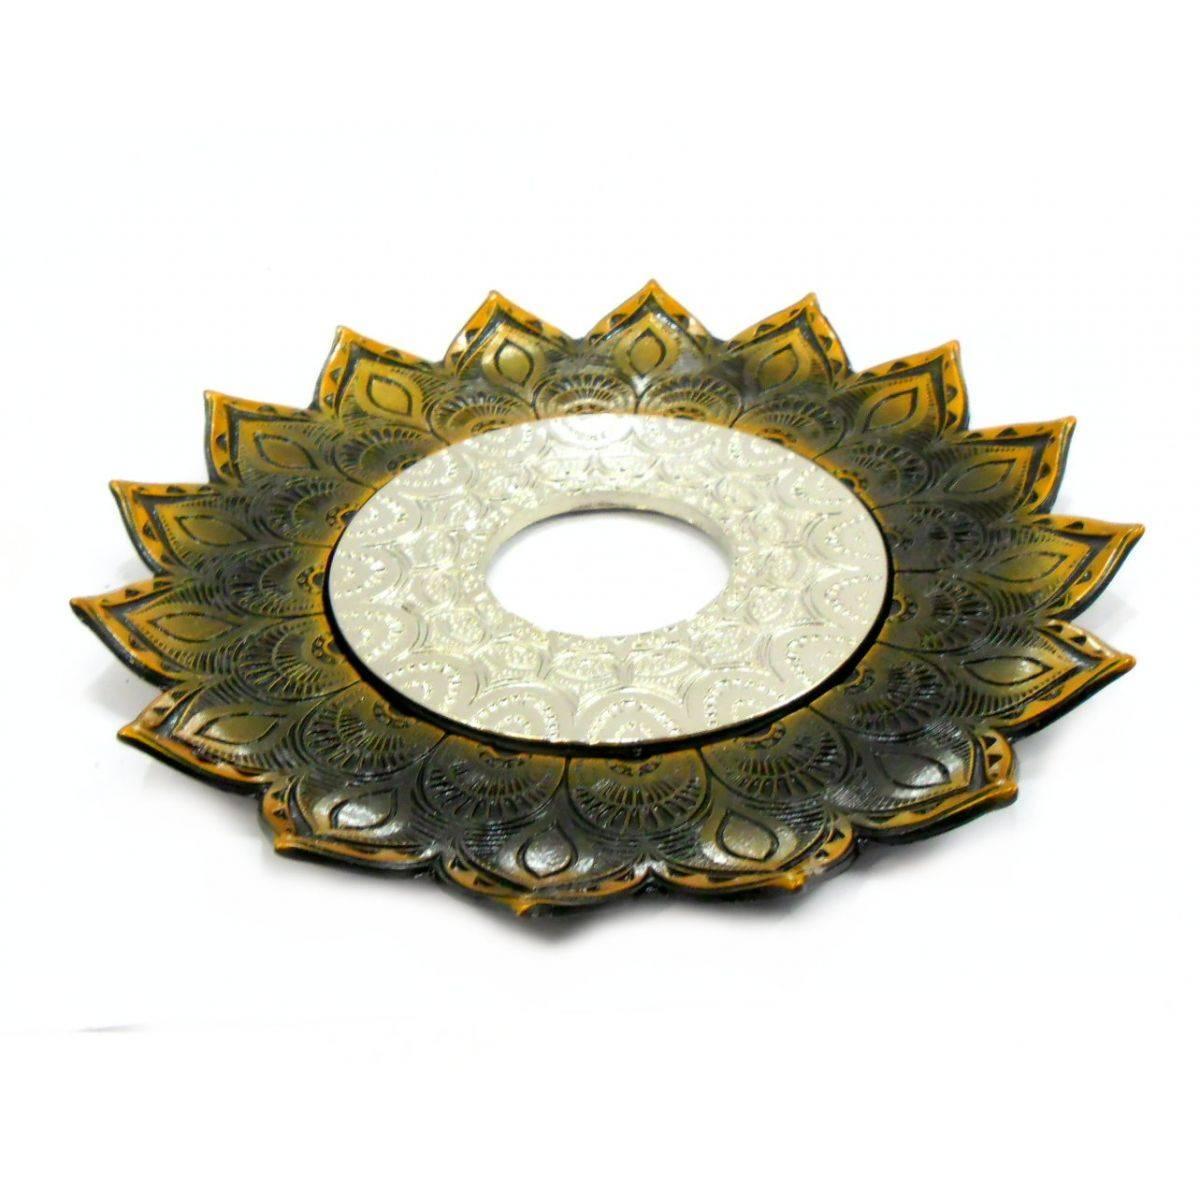 Prato para narguile mod. Artemis 17cm diâm. Em liga metálica inox e decorado. Cor: OURO VELHO.